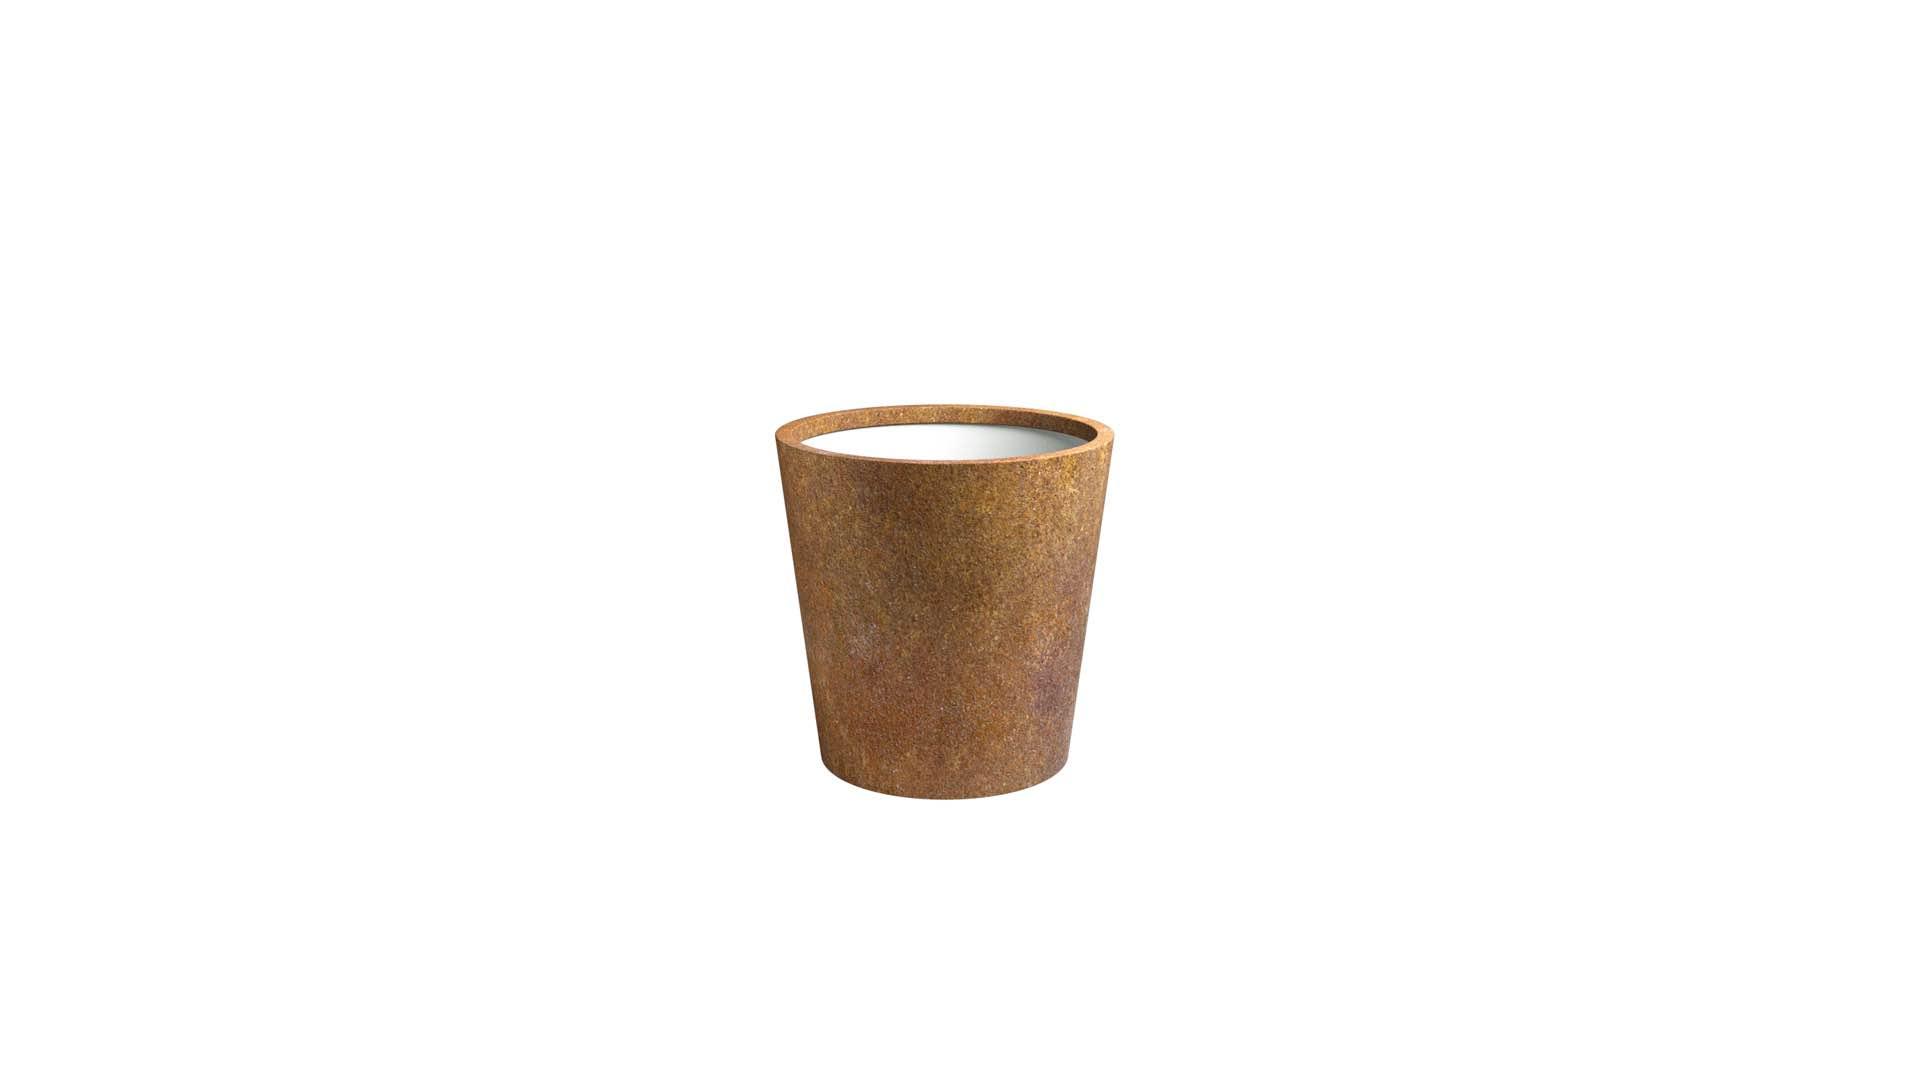 Donica stożkowa z cortenu Vaso 4